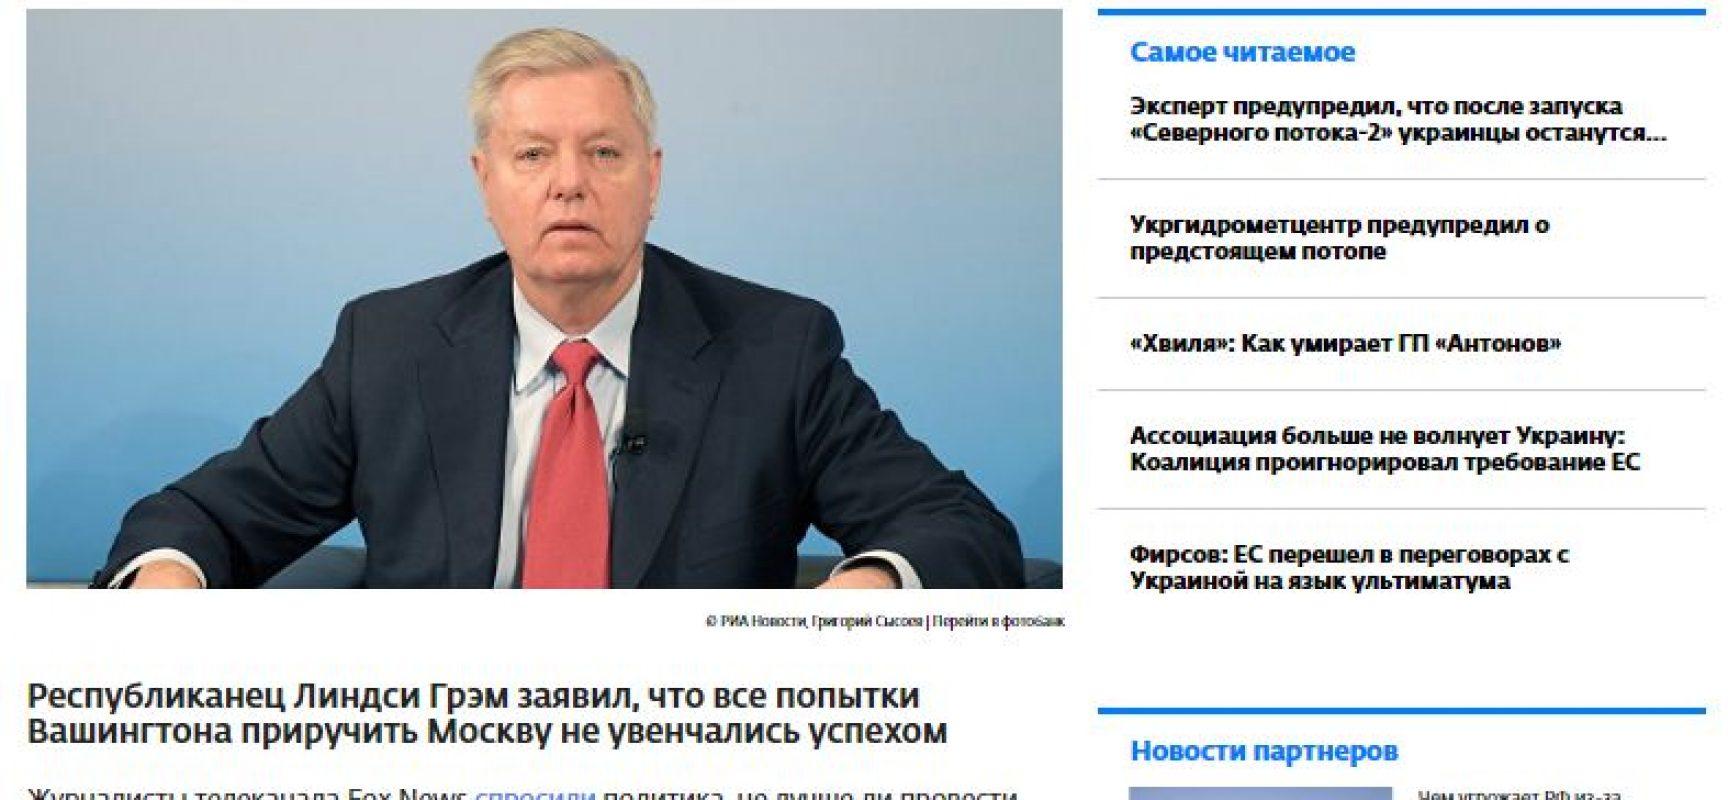 Fake: Il senatore americano ammette che le sanzioni statunitensi contro la Russia non funzionano